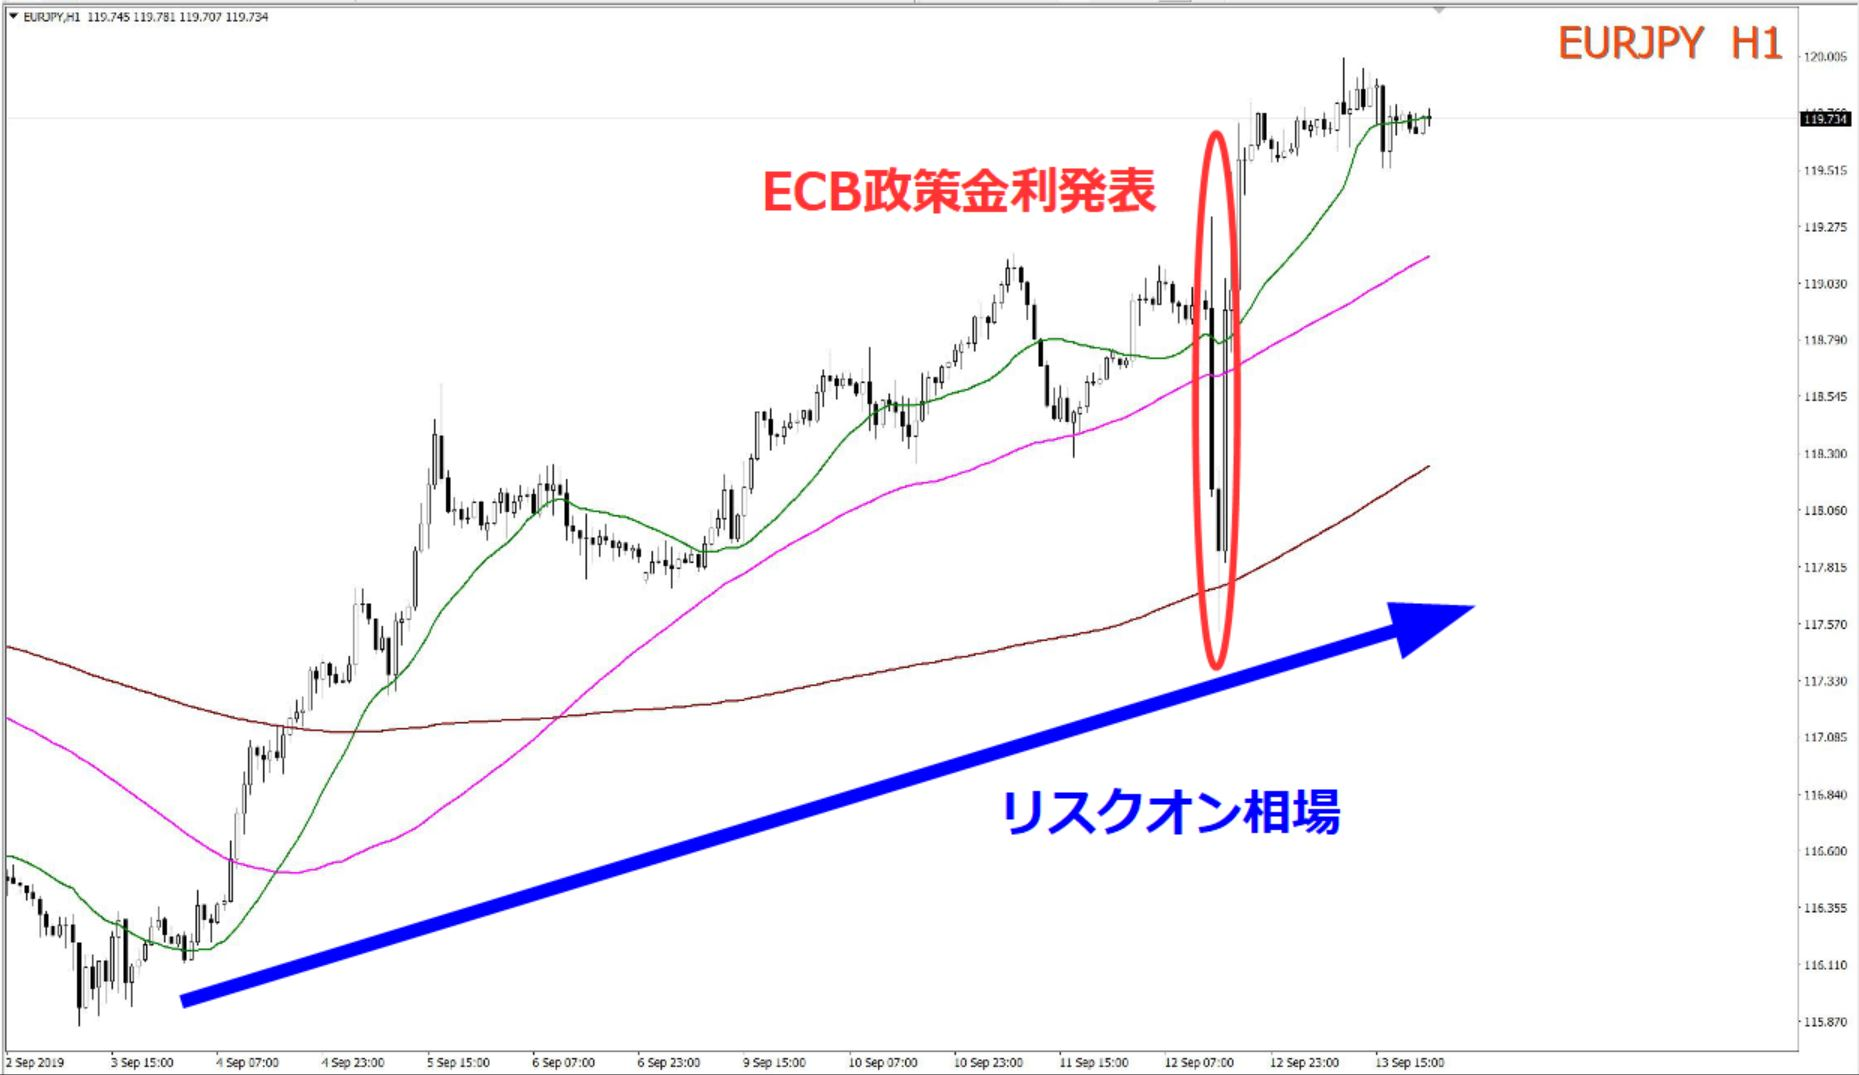 ユーロ円 1時間足